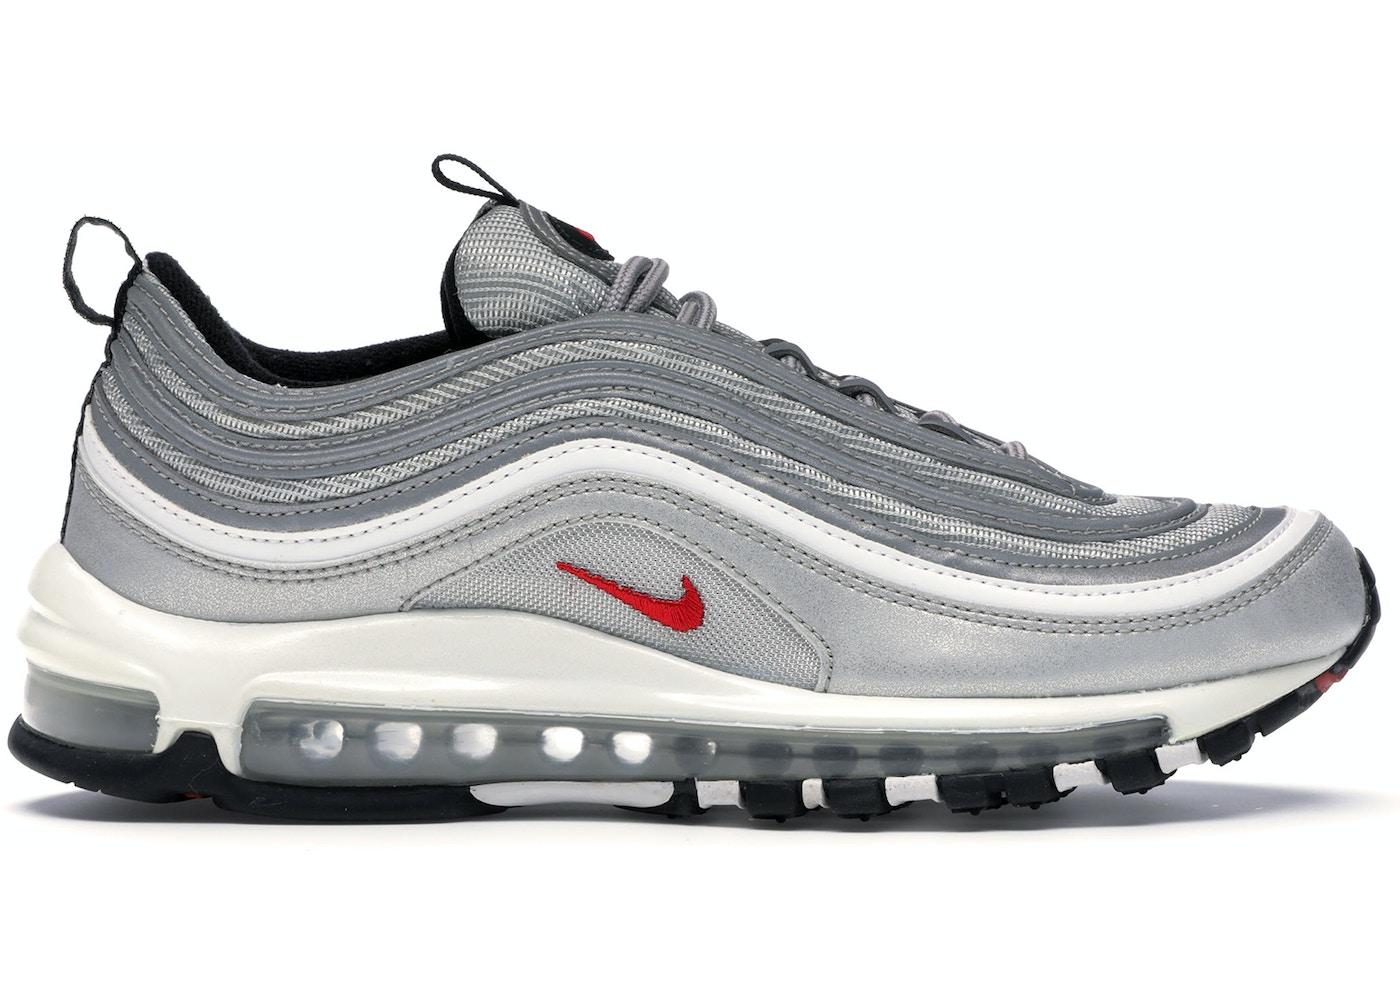 Nike Air Max 97 OG 'Silver Bullet' Still Available Kauai